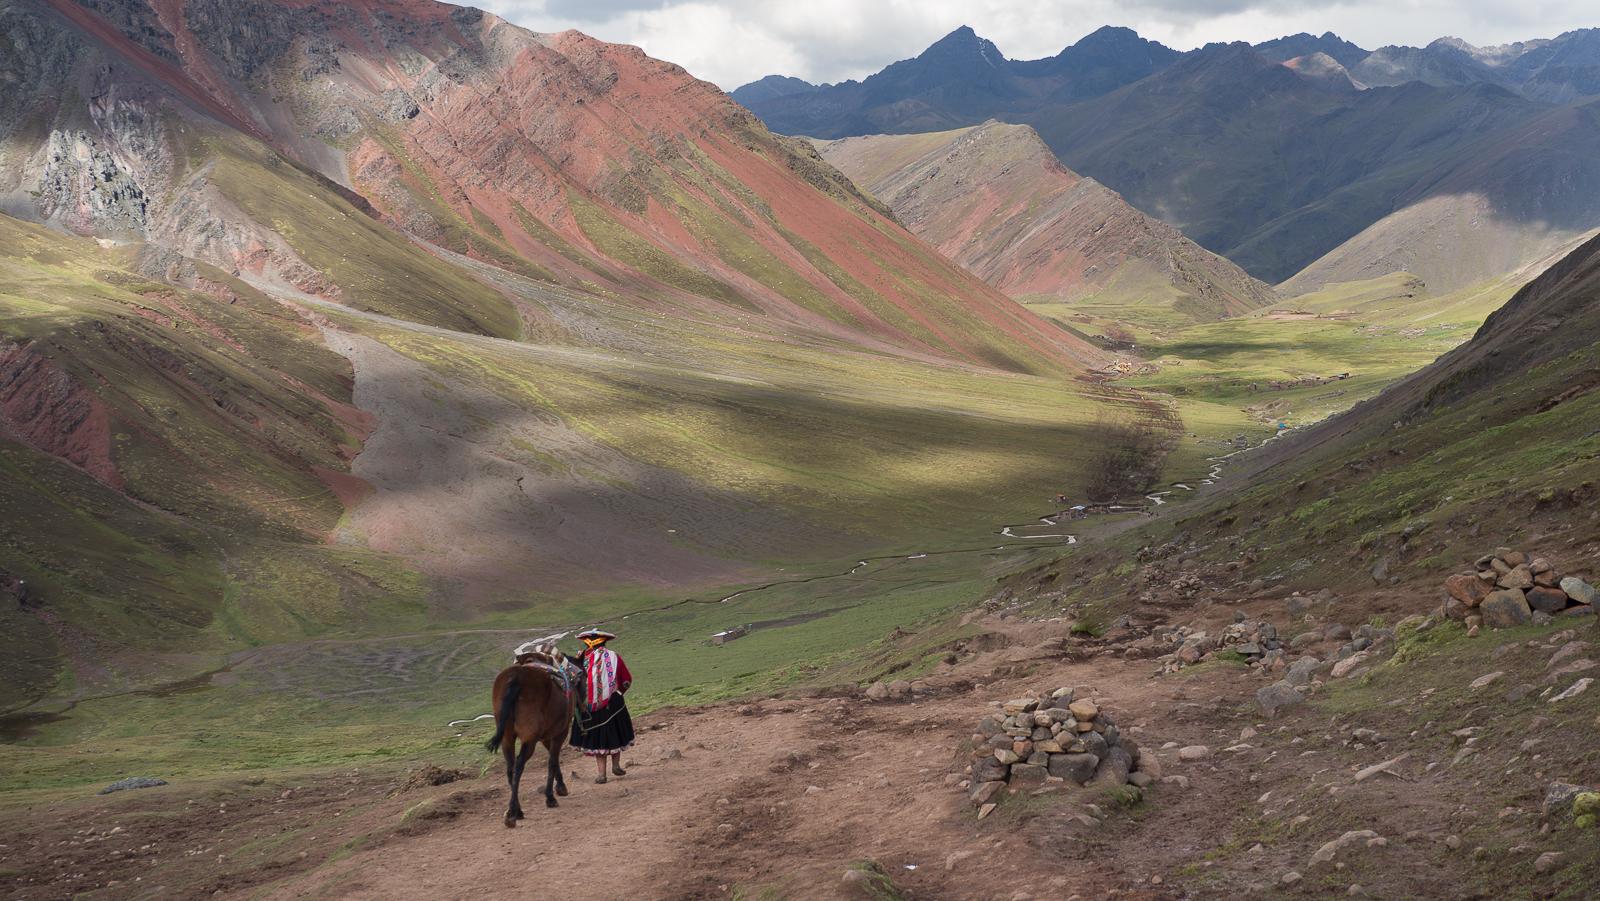 Vinicunca valley, Peru